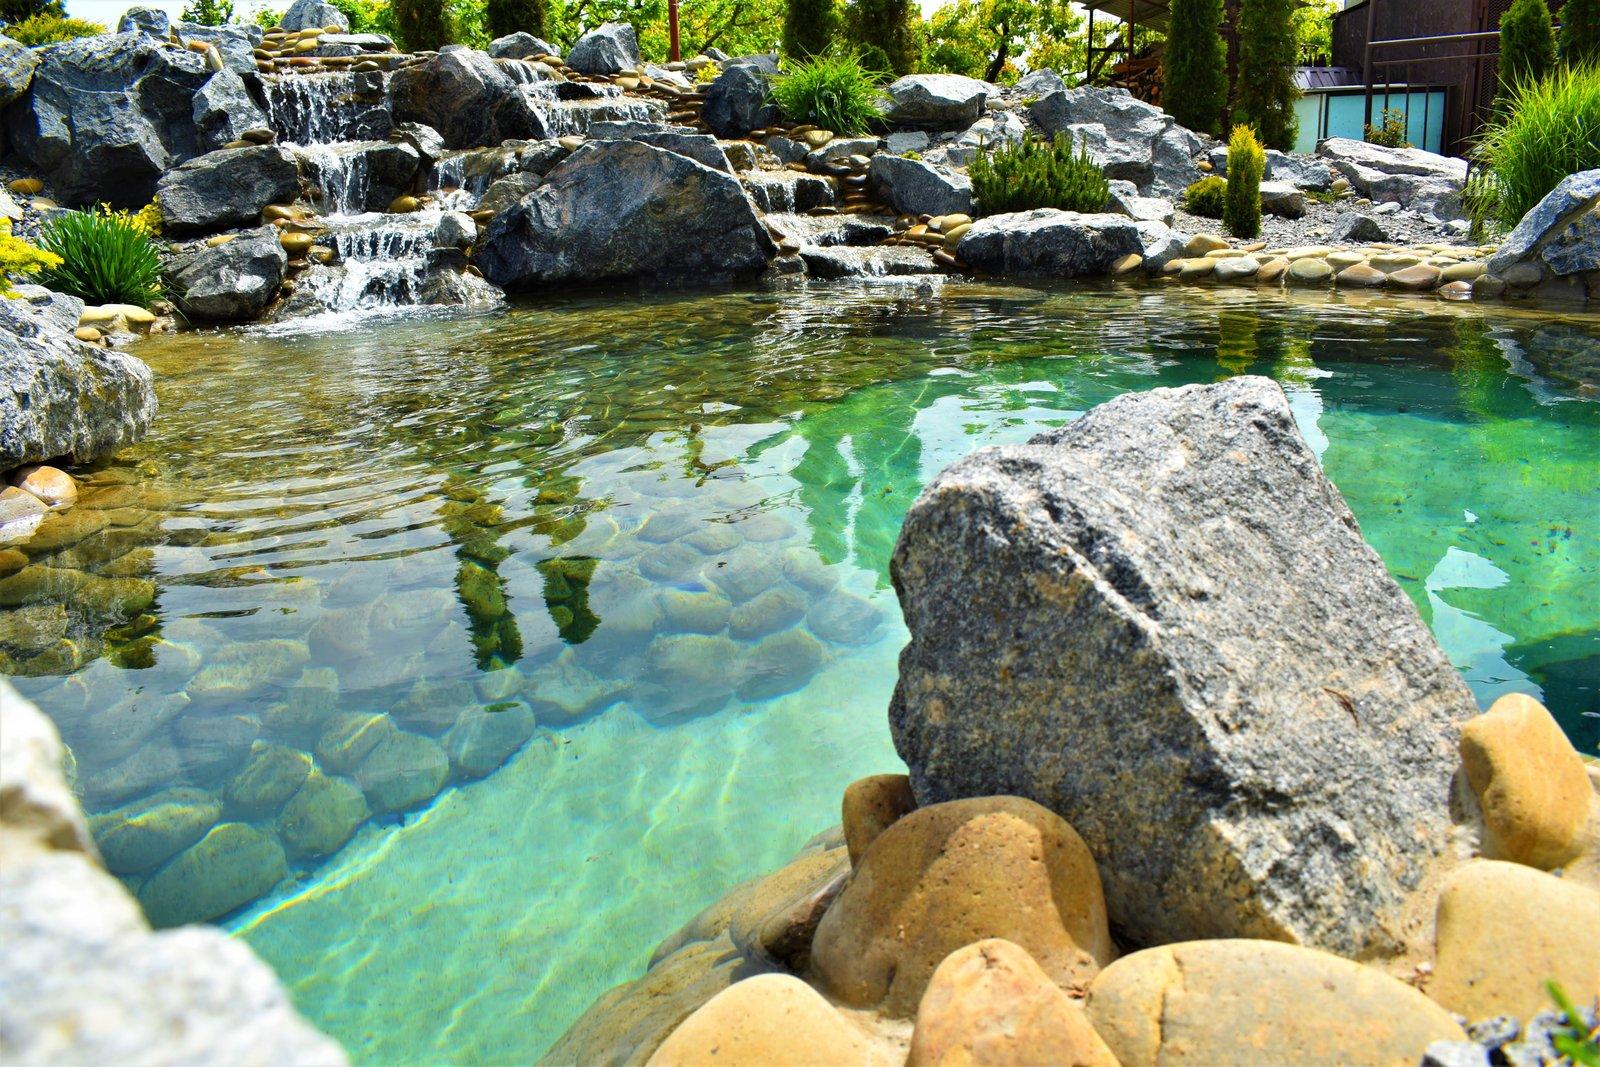 создание эксклюзивных прудов Запорожье, создание красивых прудов Запорожье, создание красивых прудов Запорожье, ландшафтный дизайн Запорожье